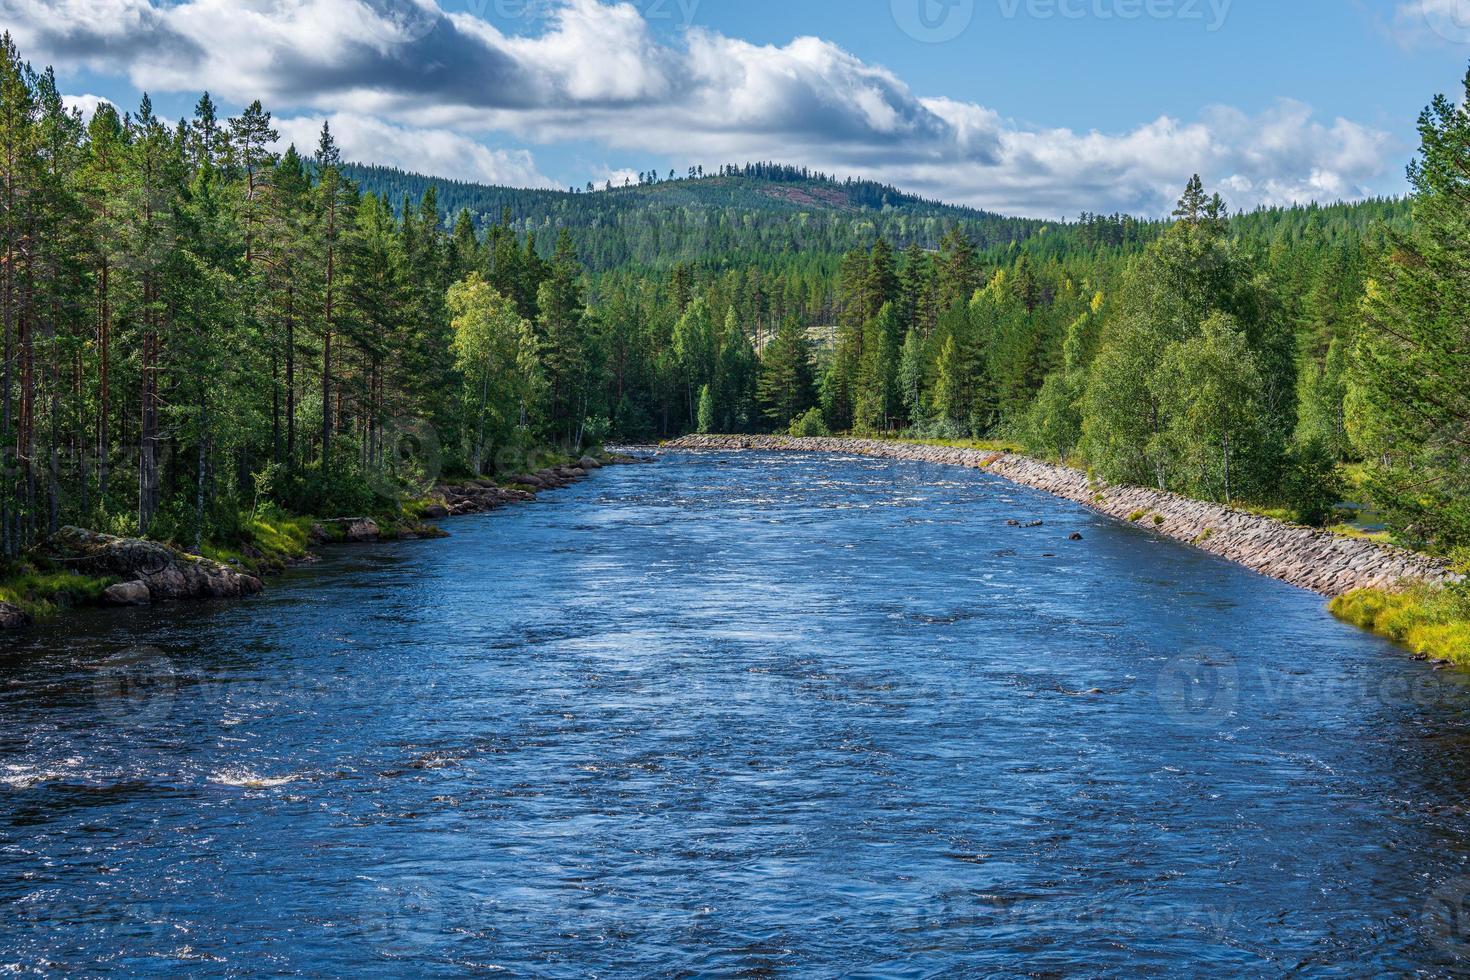 fiume che attraversa una foresta foto